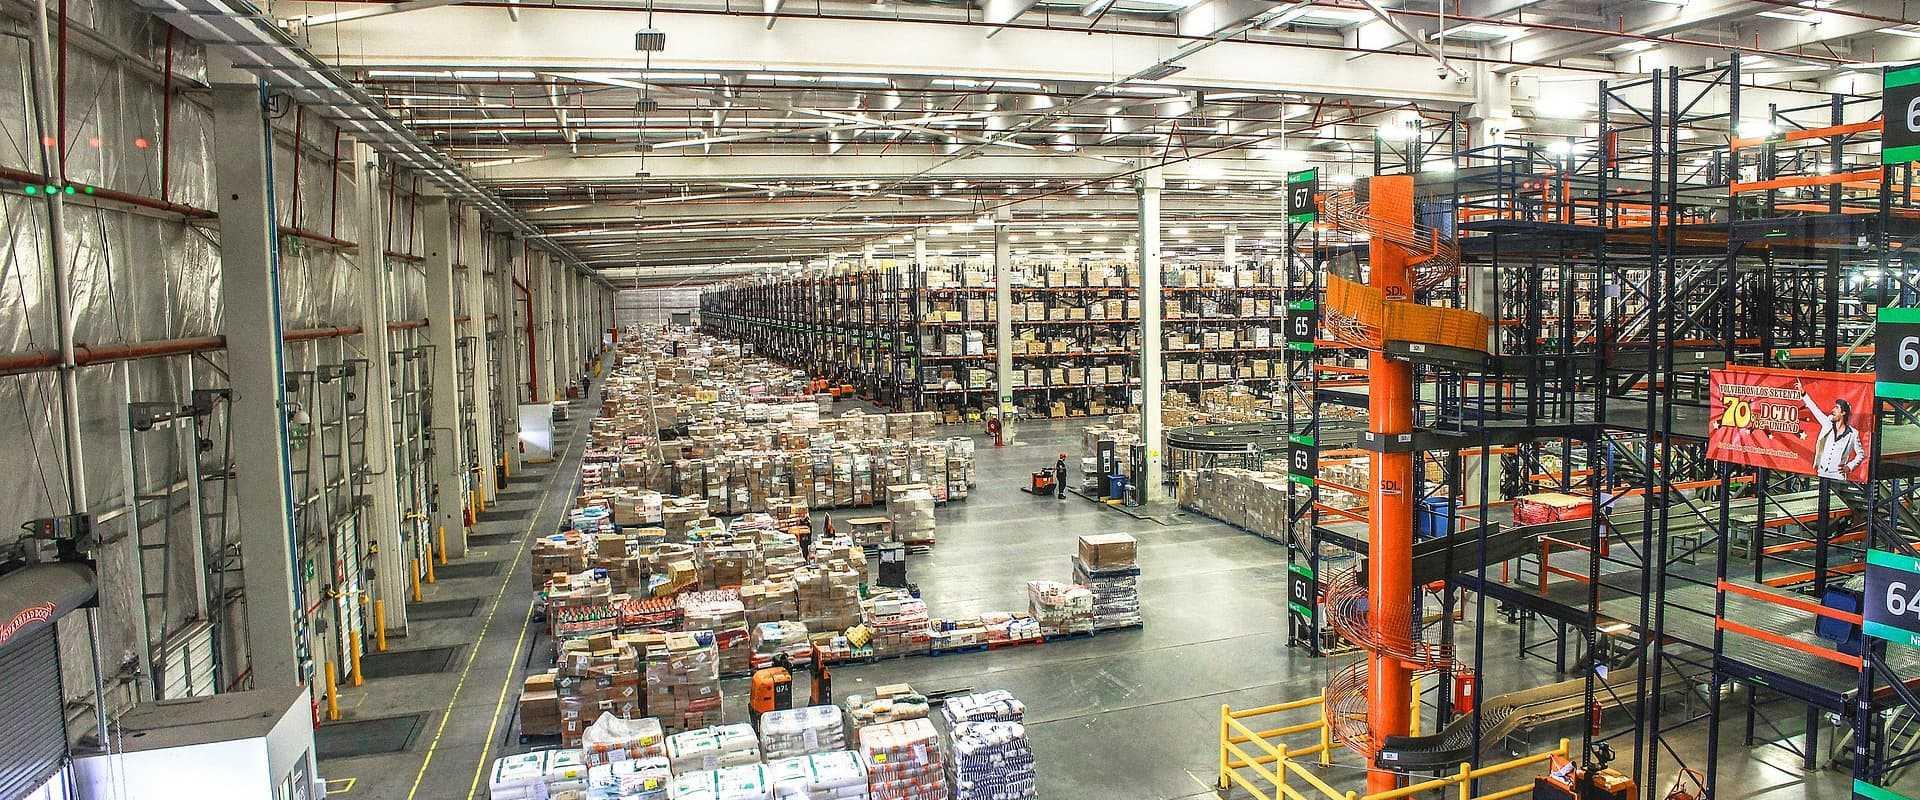 Warehouse Management für Fulfillment